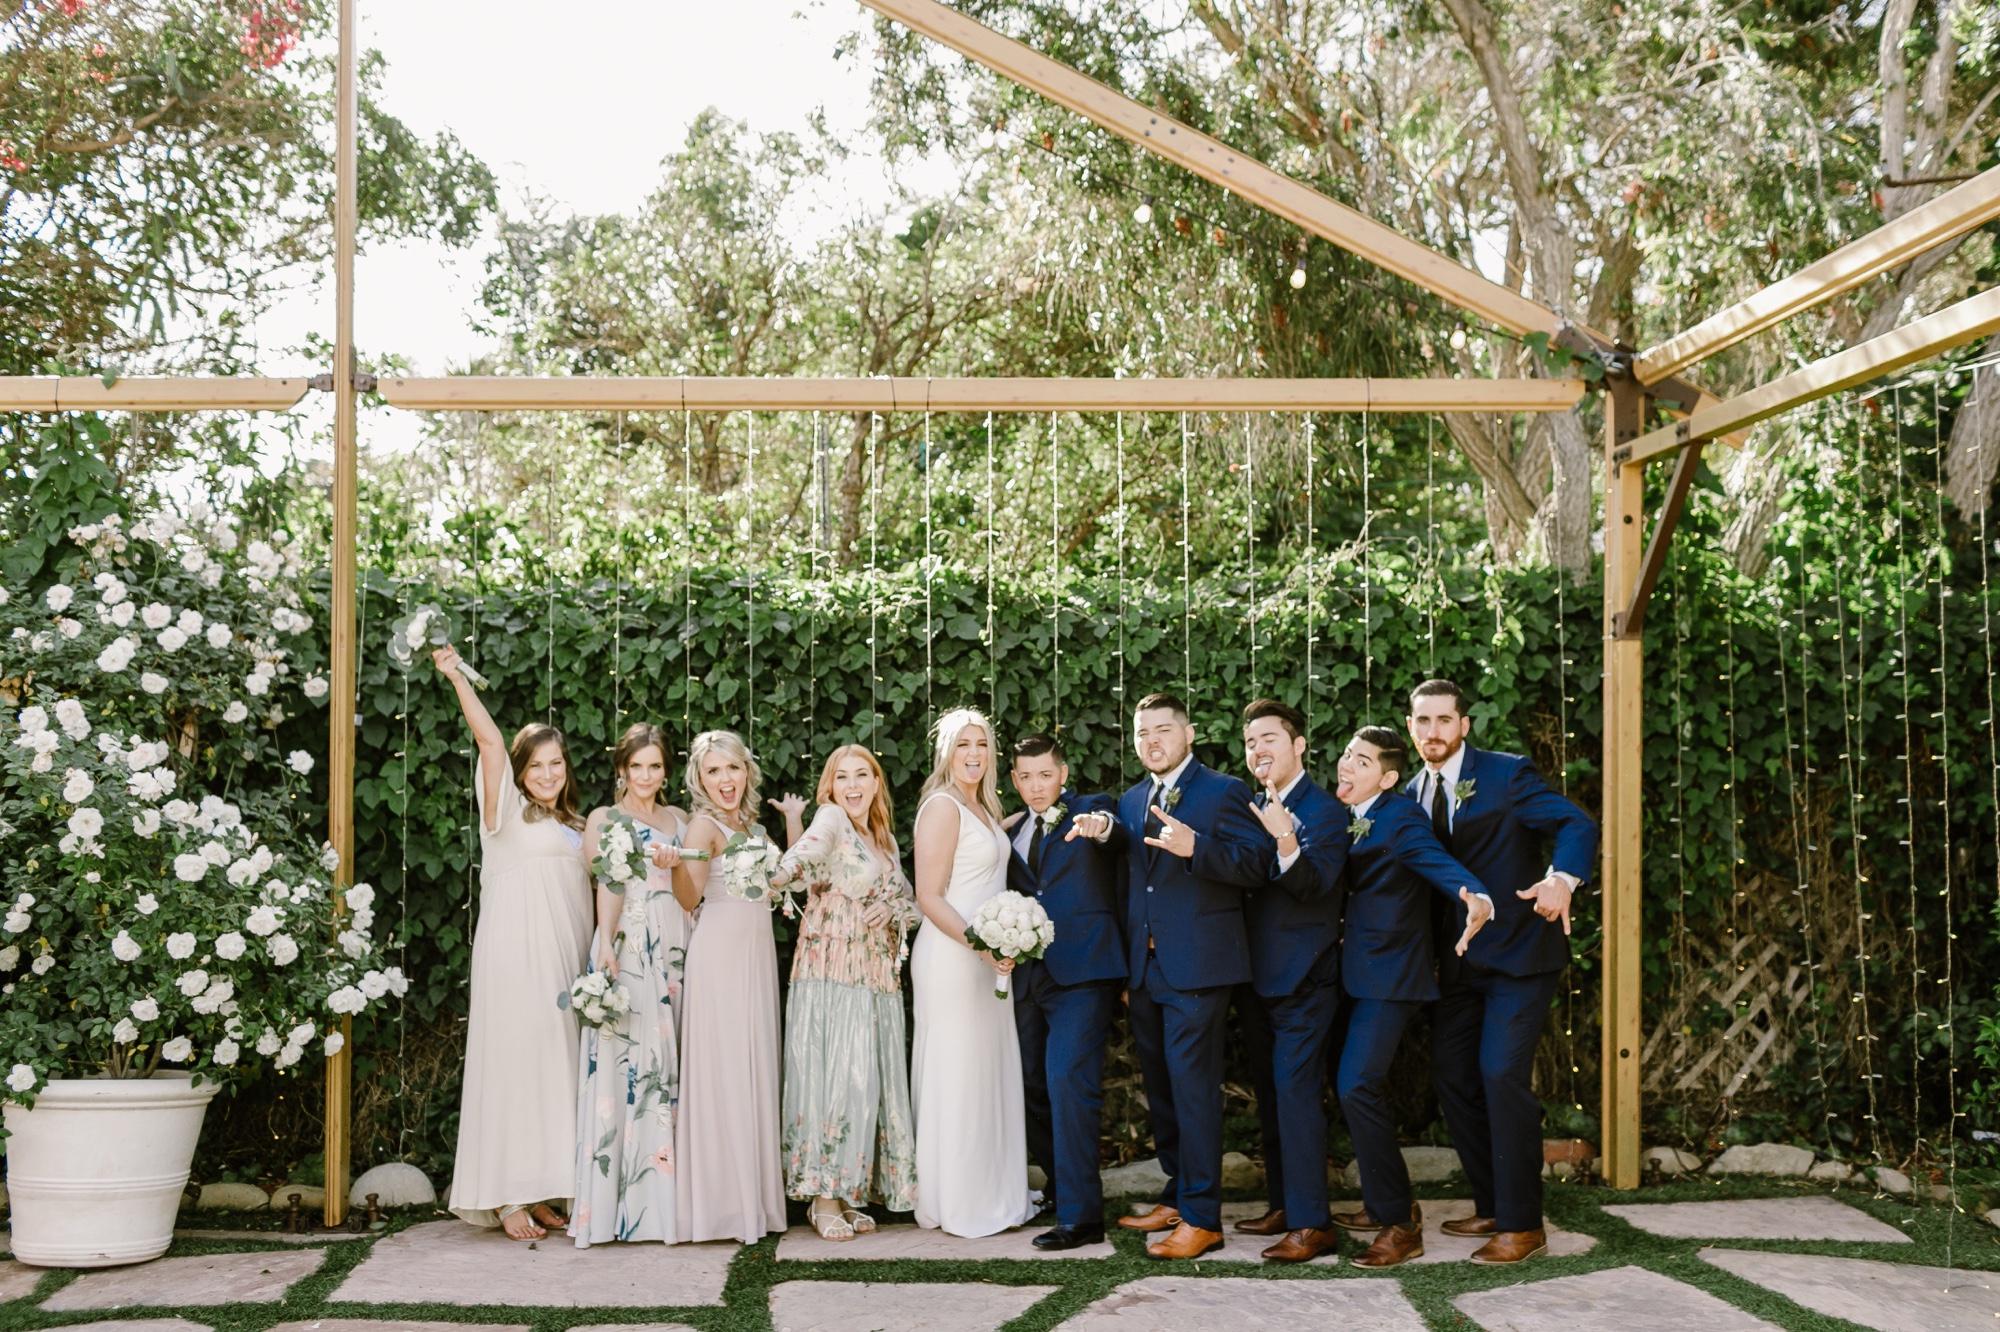 19_Ally and Tommy's Wedding-443_club_bridal_beach_party_california_rincon.jpg